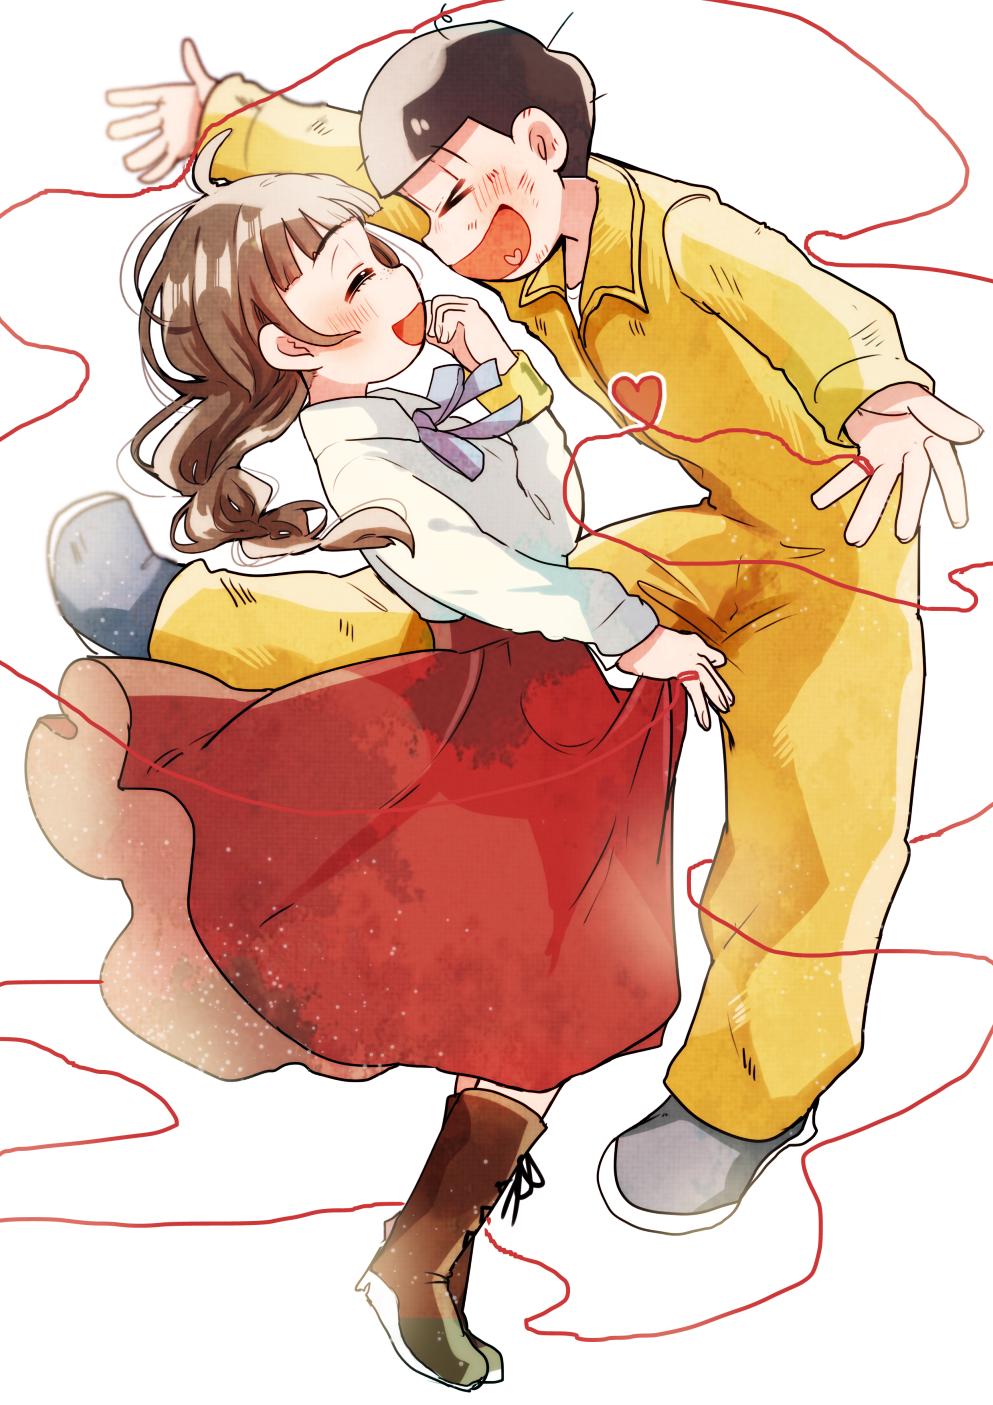 Pin by Cinnamon Bun 23 on Osomatsusan Anime, Character